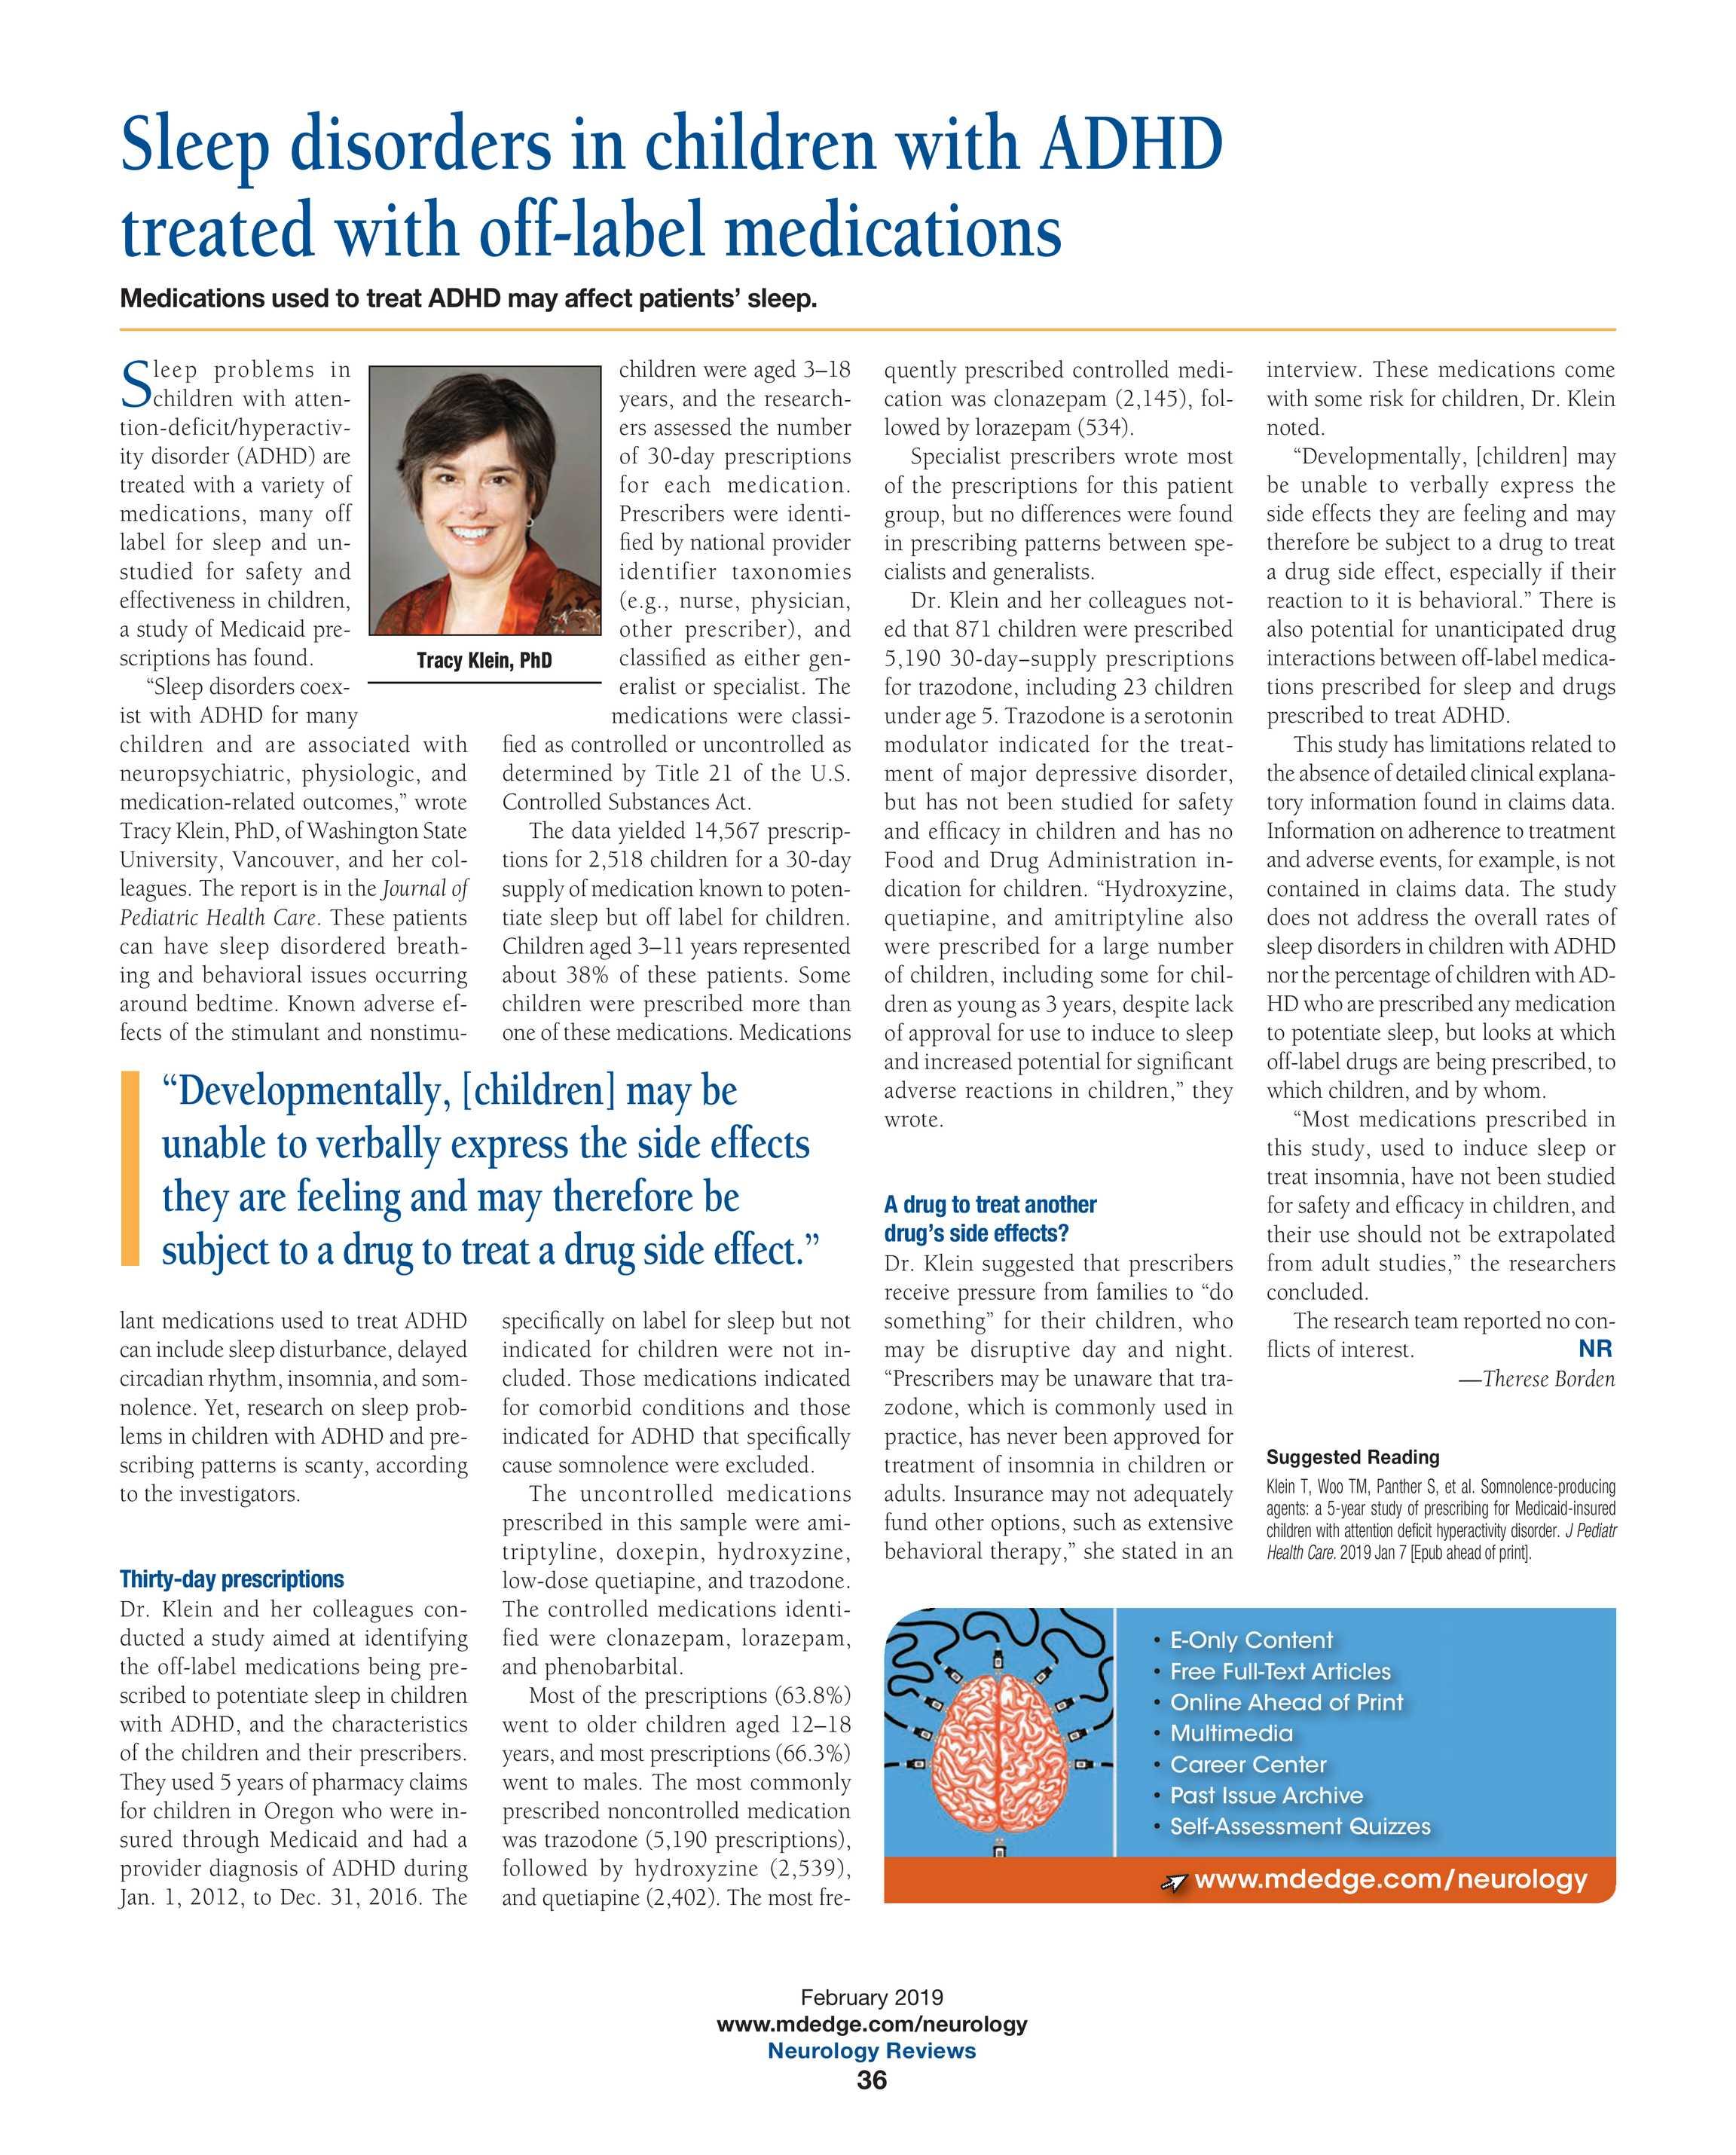 Neurology Reviews - NR Feb 2019 - page 36